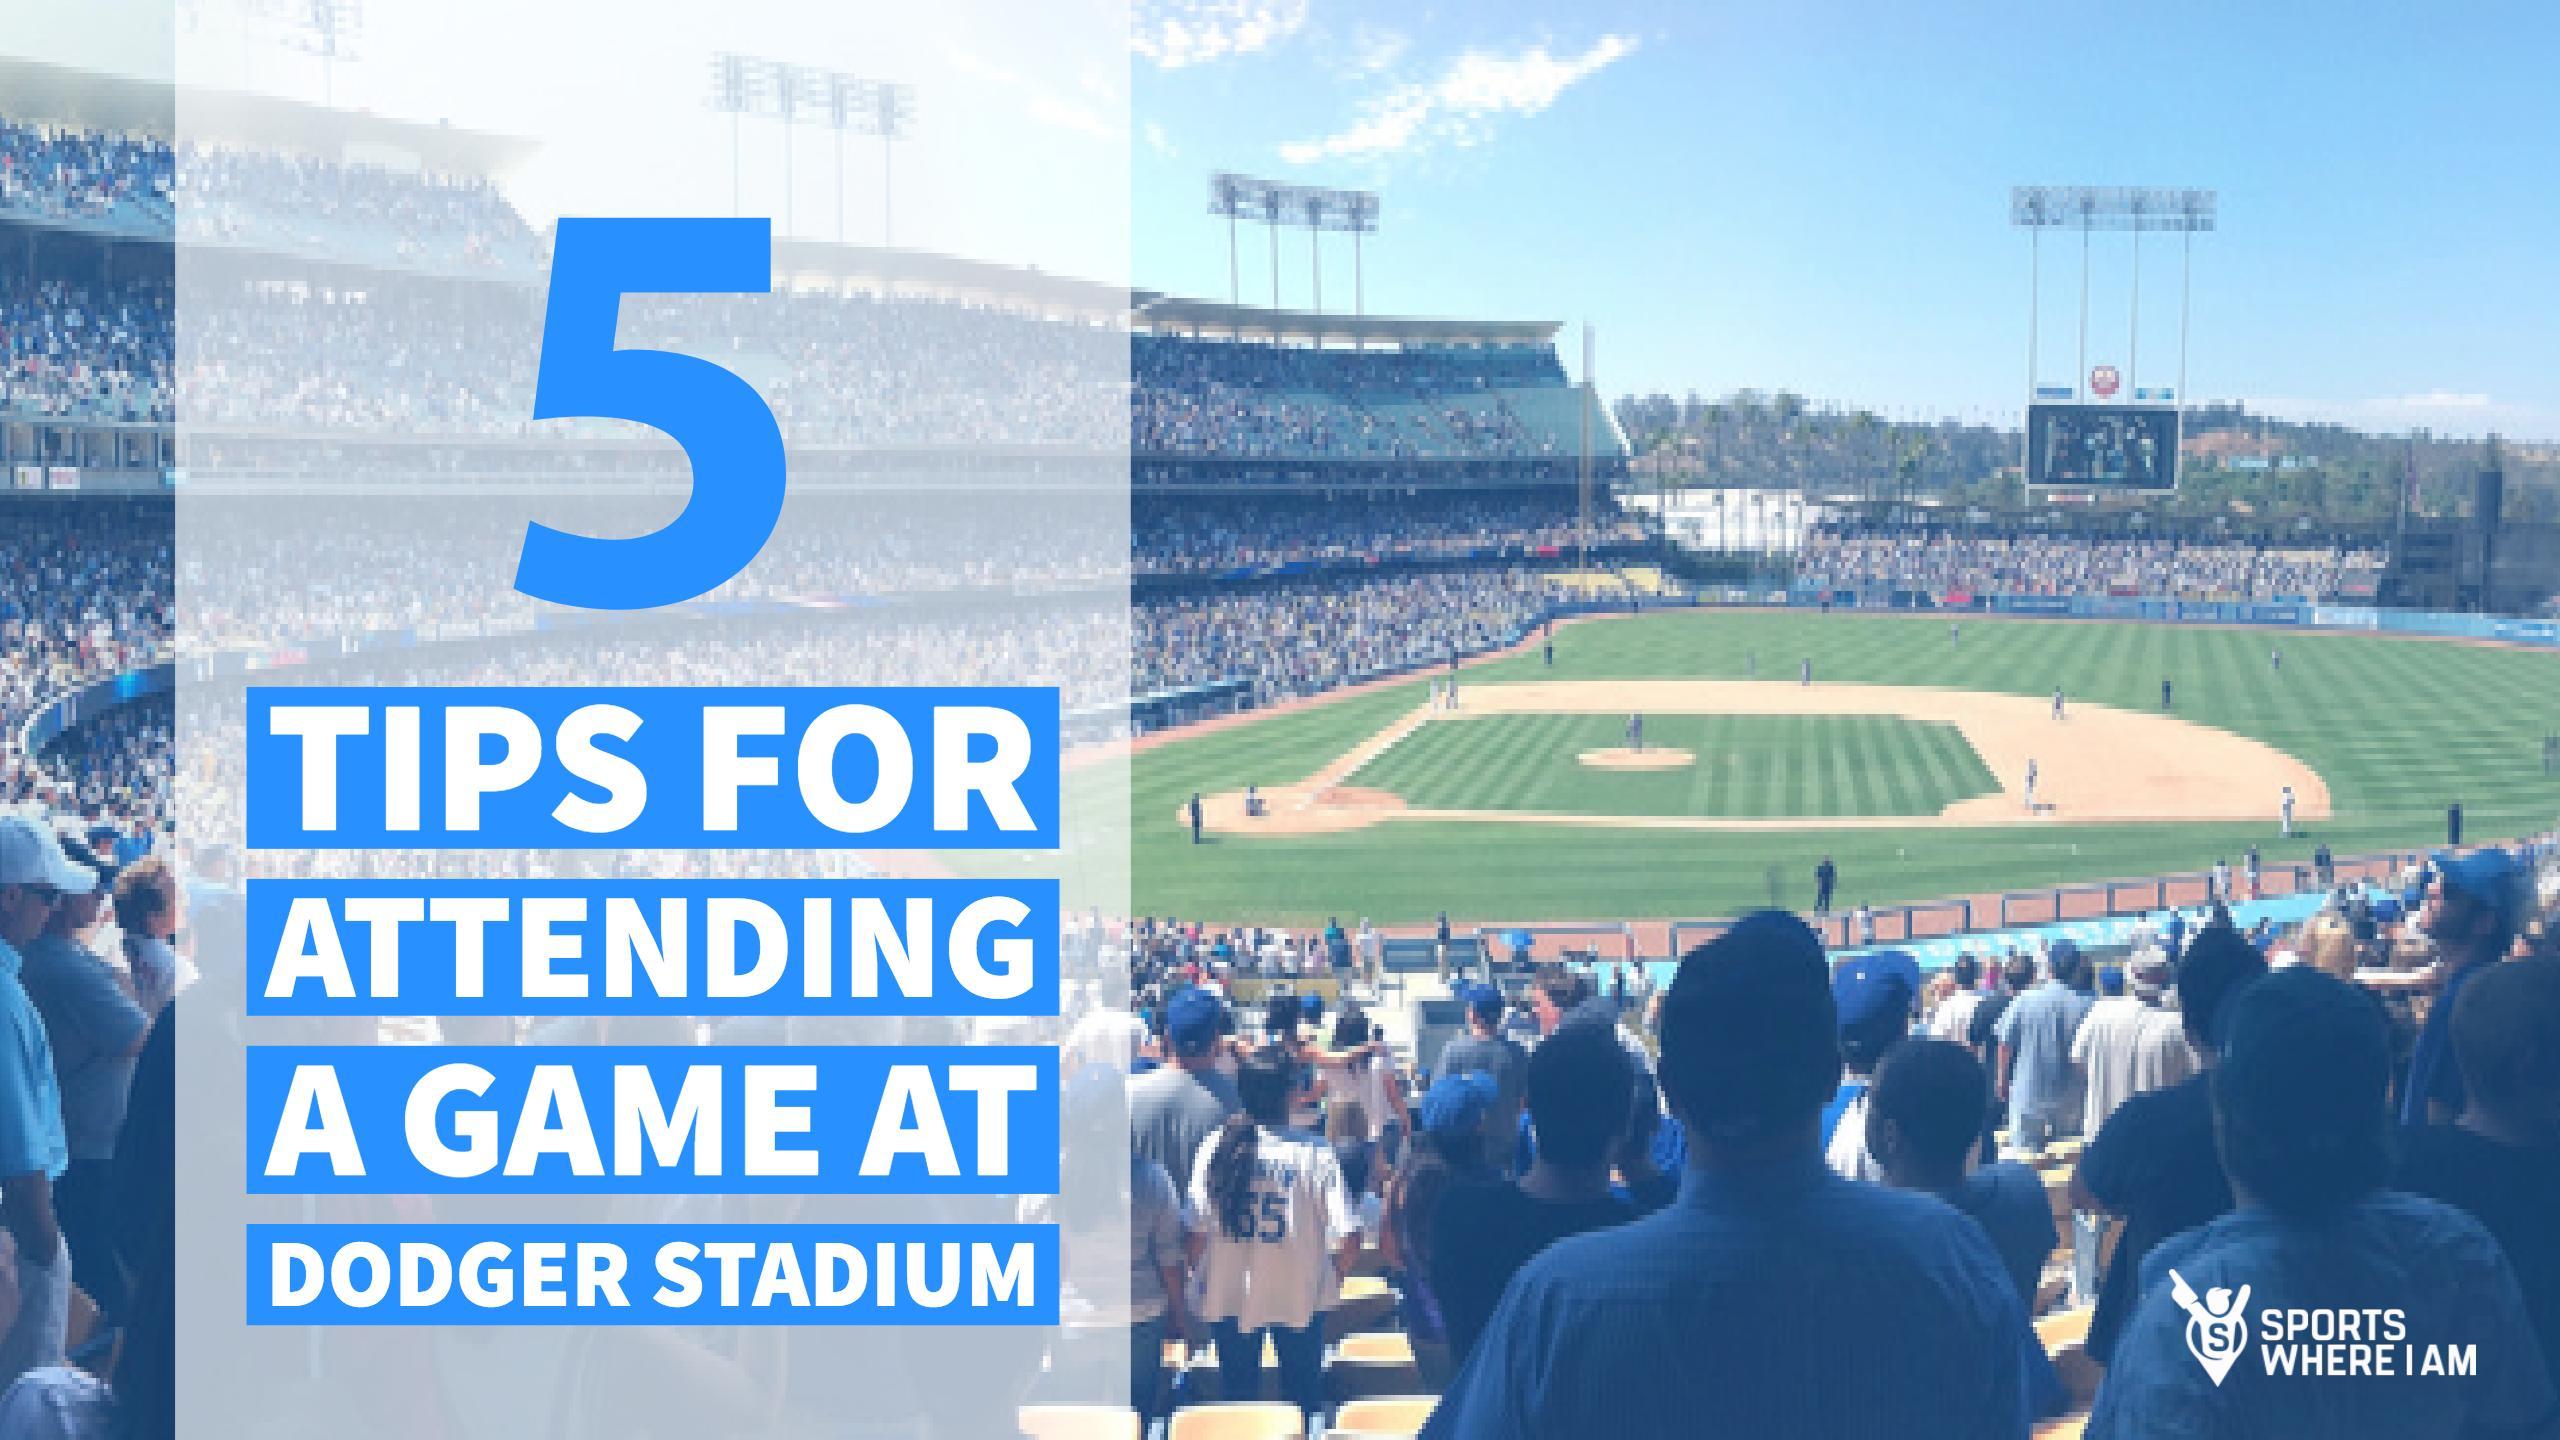 5 tips for attending Dodger Stadium